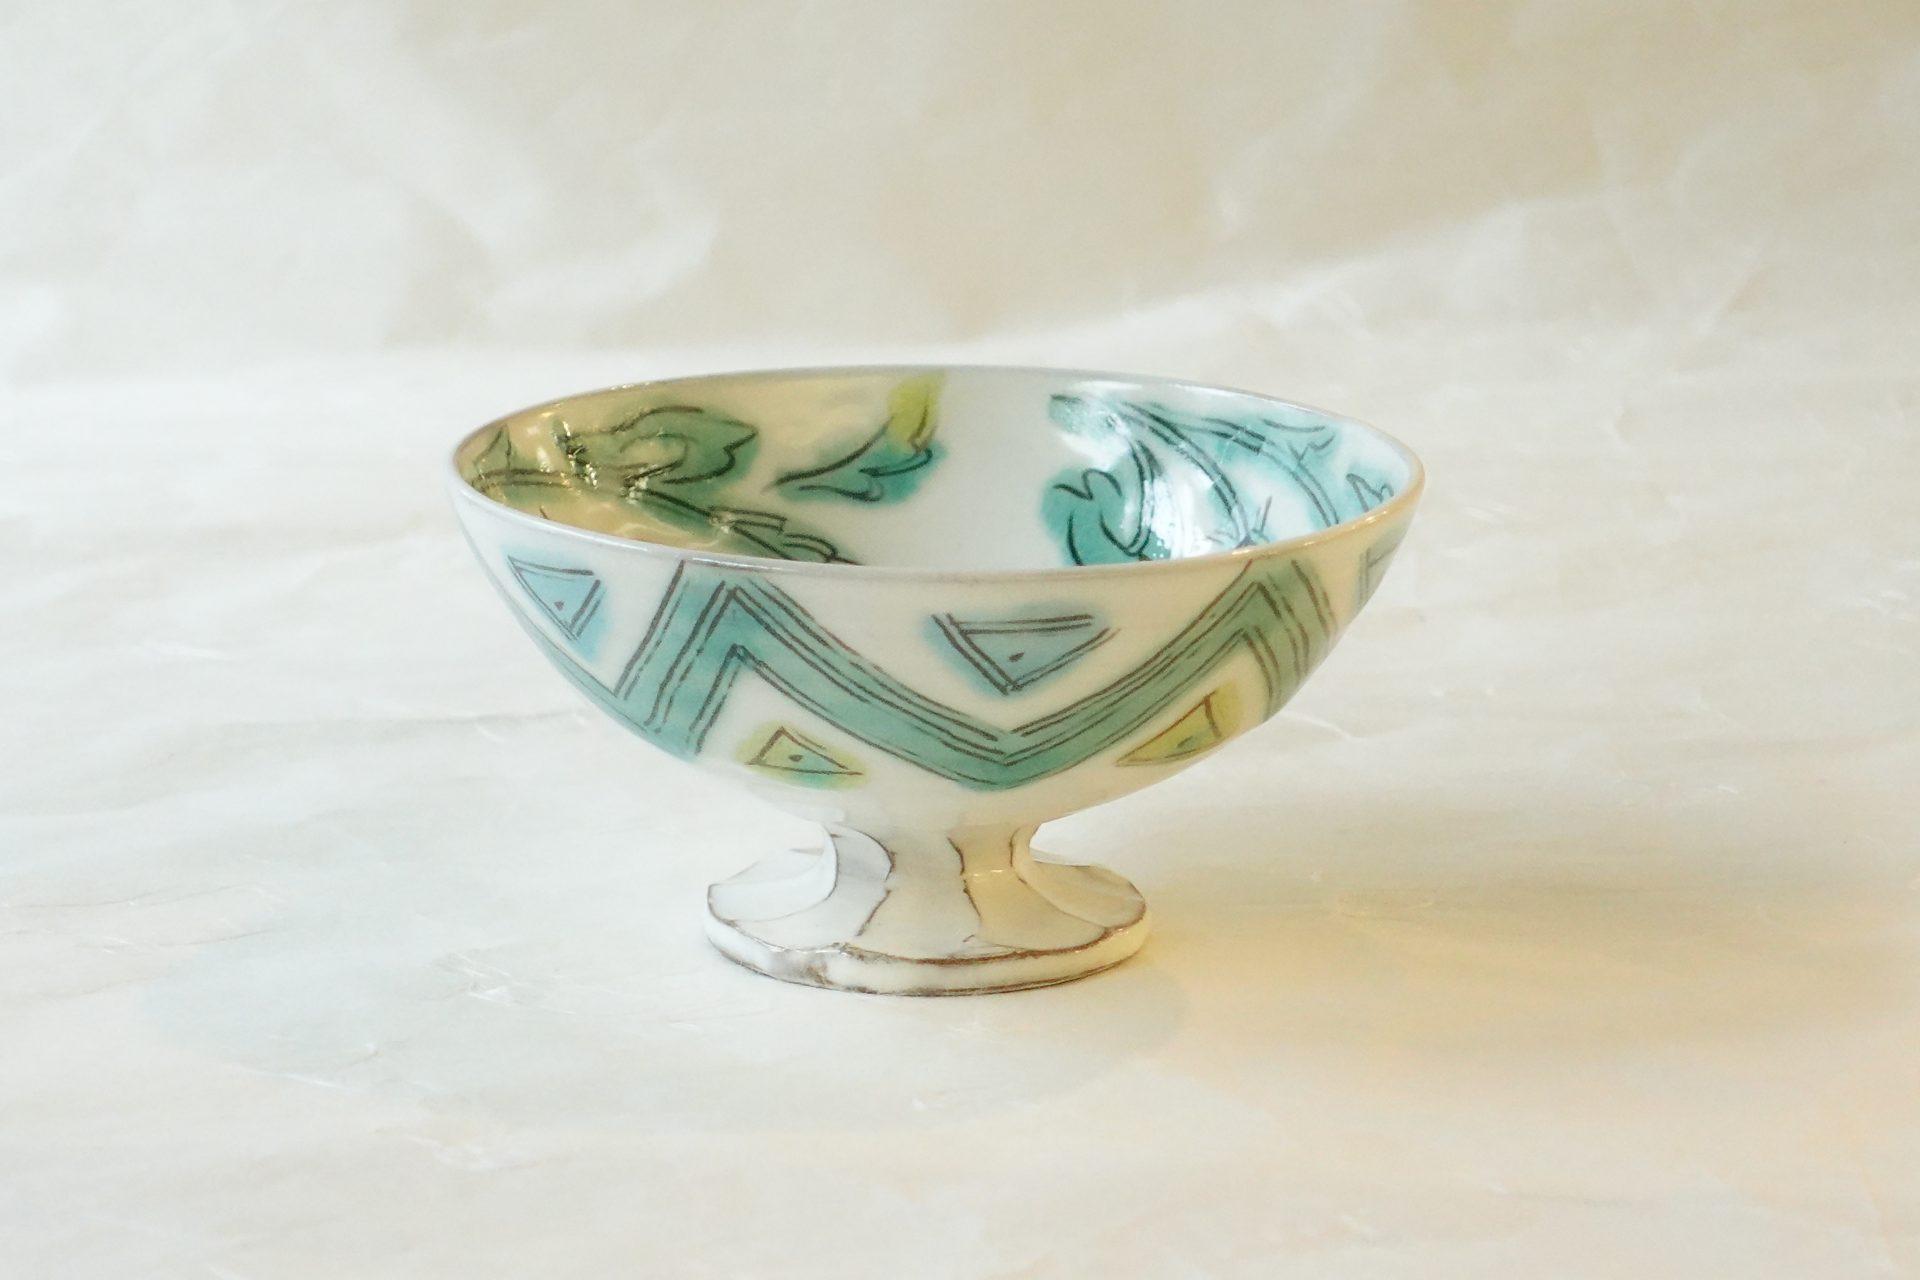 陶器 清水焼 野口繁次 釉彩草花文 5寸 高台鉢 白地 手づくり 粉引 さわやか 緑色 ガラスのよう 幾何学模様 足付き 特別感 小鉢として デザート 貫入 きれいな器